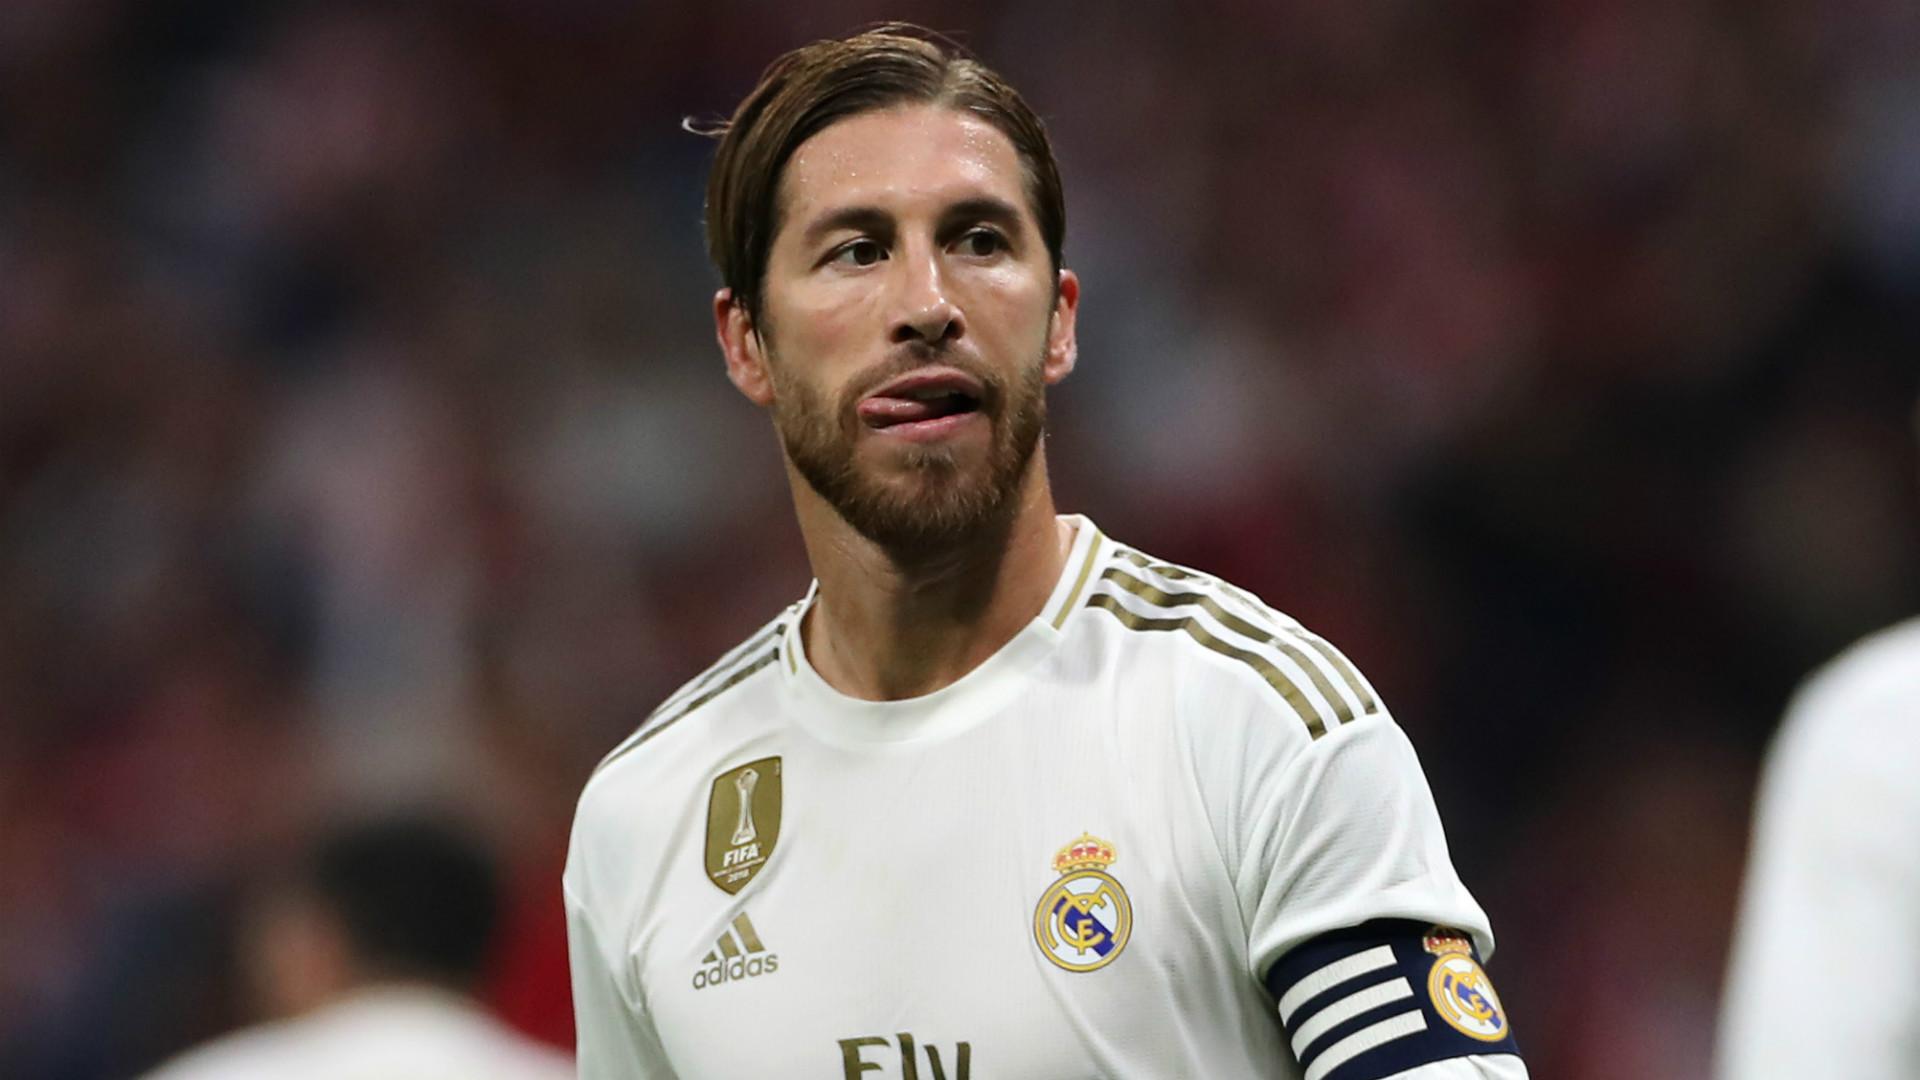 """Real Madrid, Ramos : """"Messi et Cristiano Ronaldo devraient se battre pour un Ballon d'Or, et en avoir un pour les autres"""""""